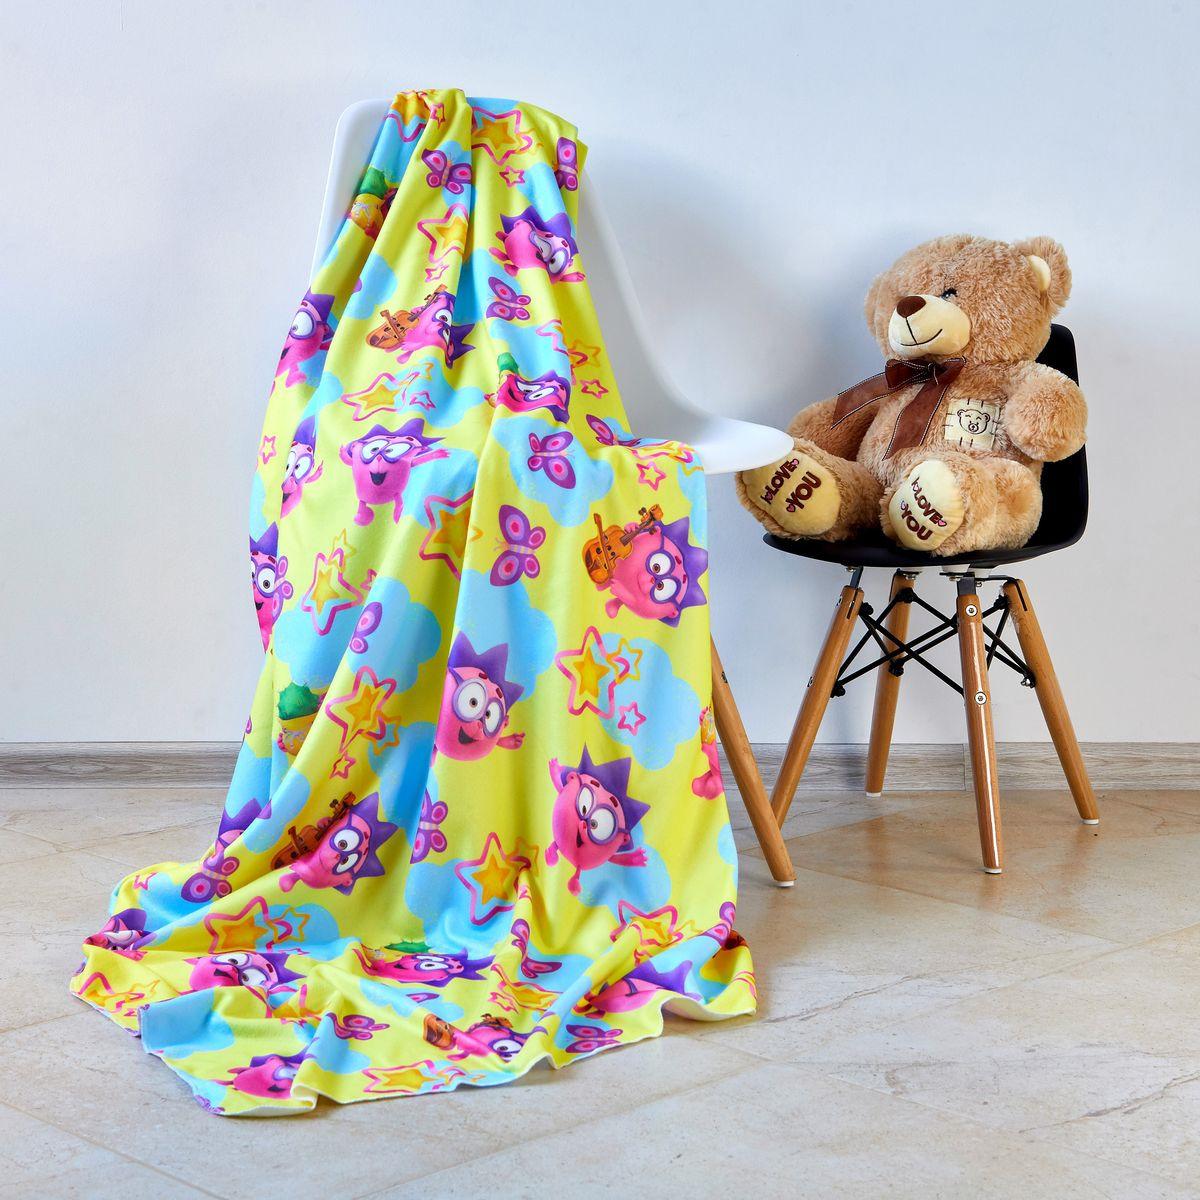 Детский плед Сирень Милый Ежик, ПЛФЛ055-12277, желтый, 150х130 раскраска ежик